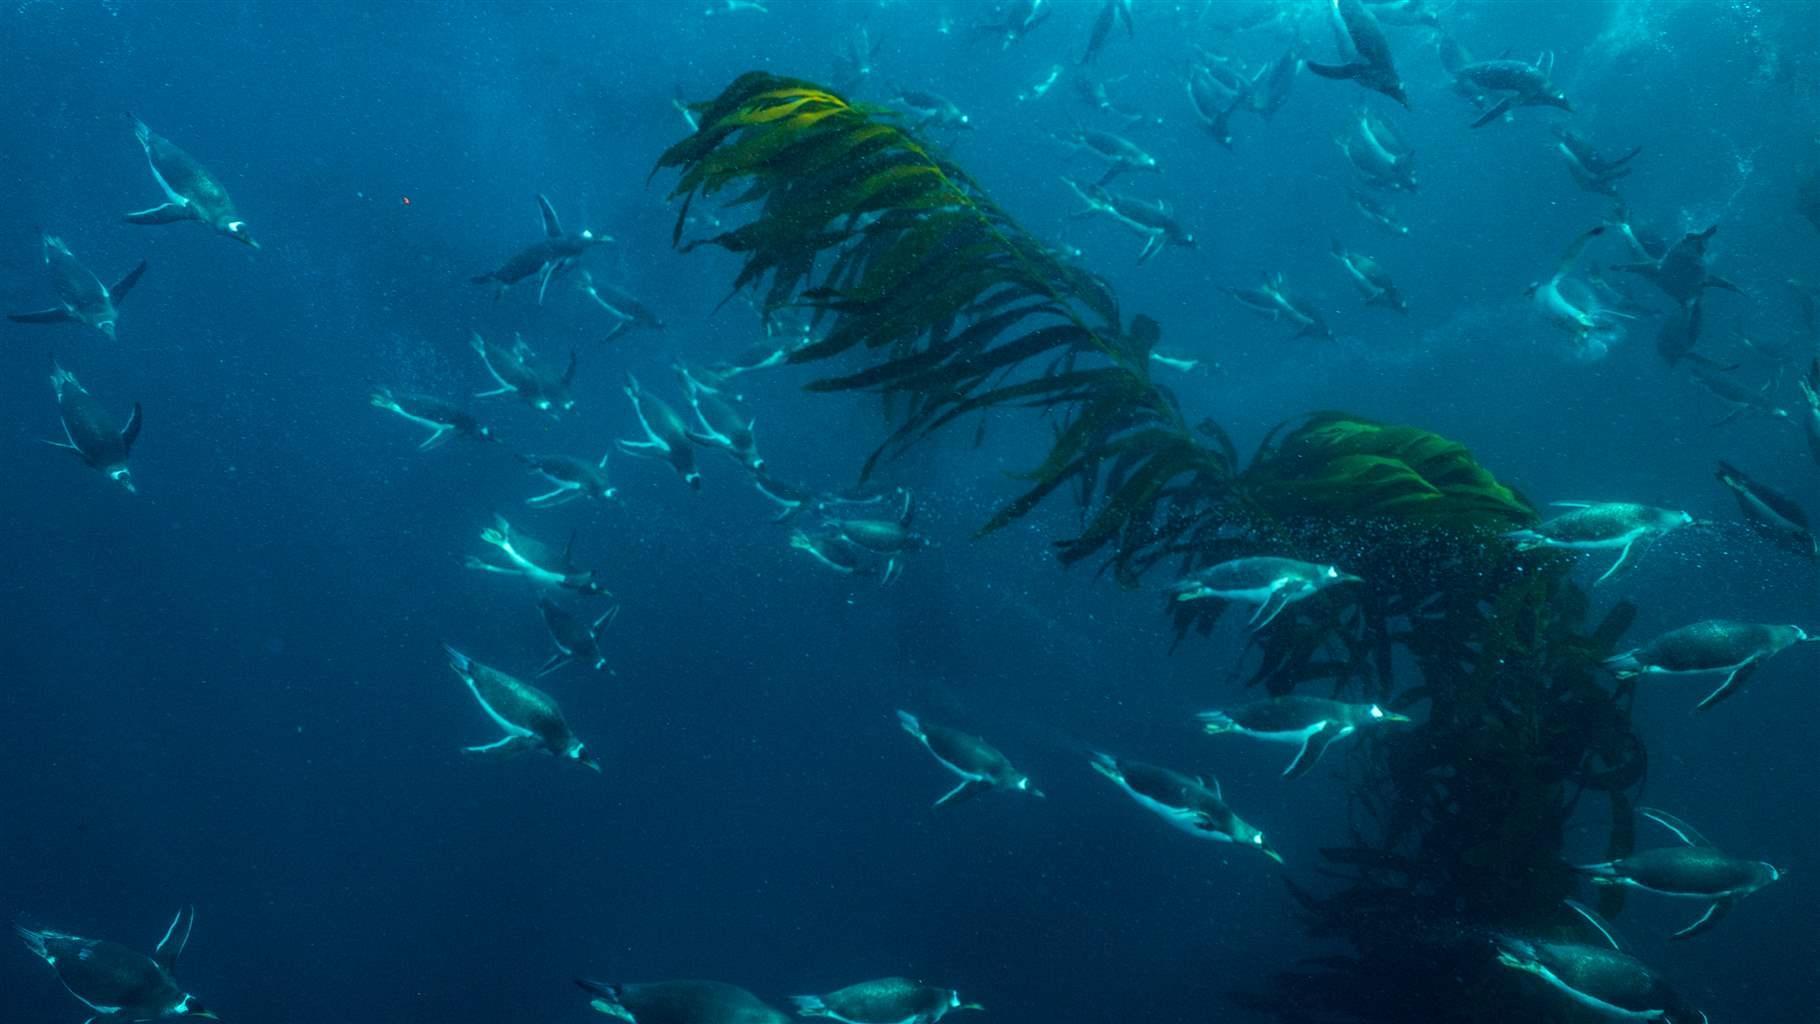 Penguins in kelp forest